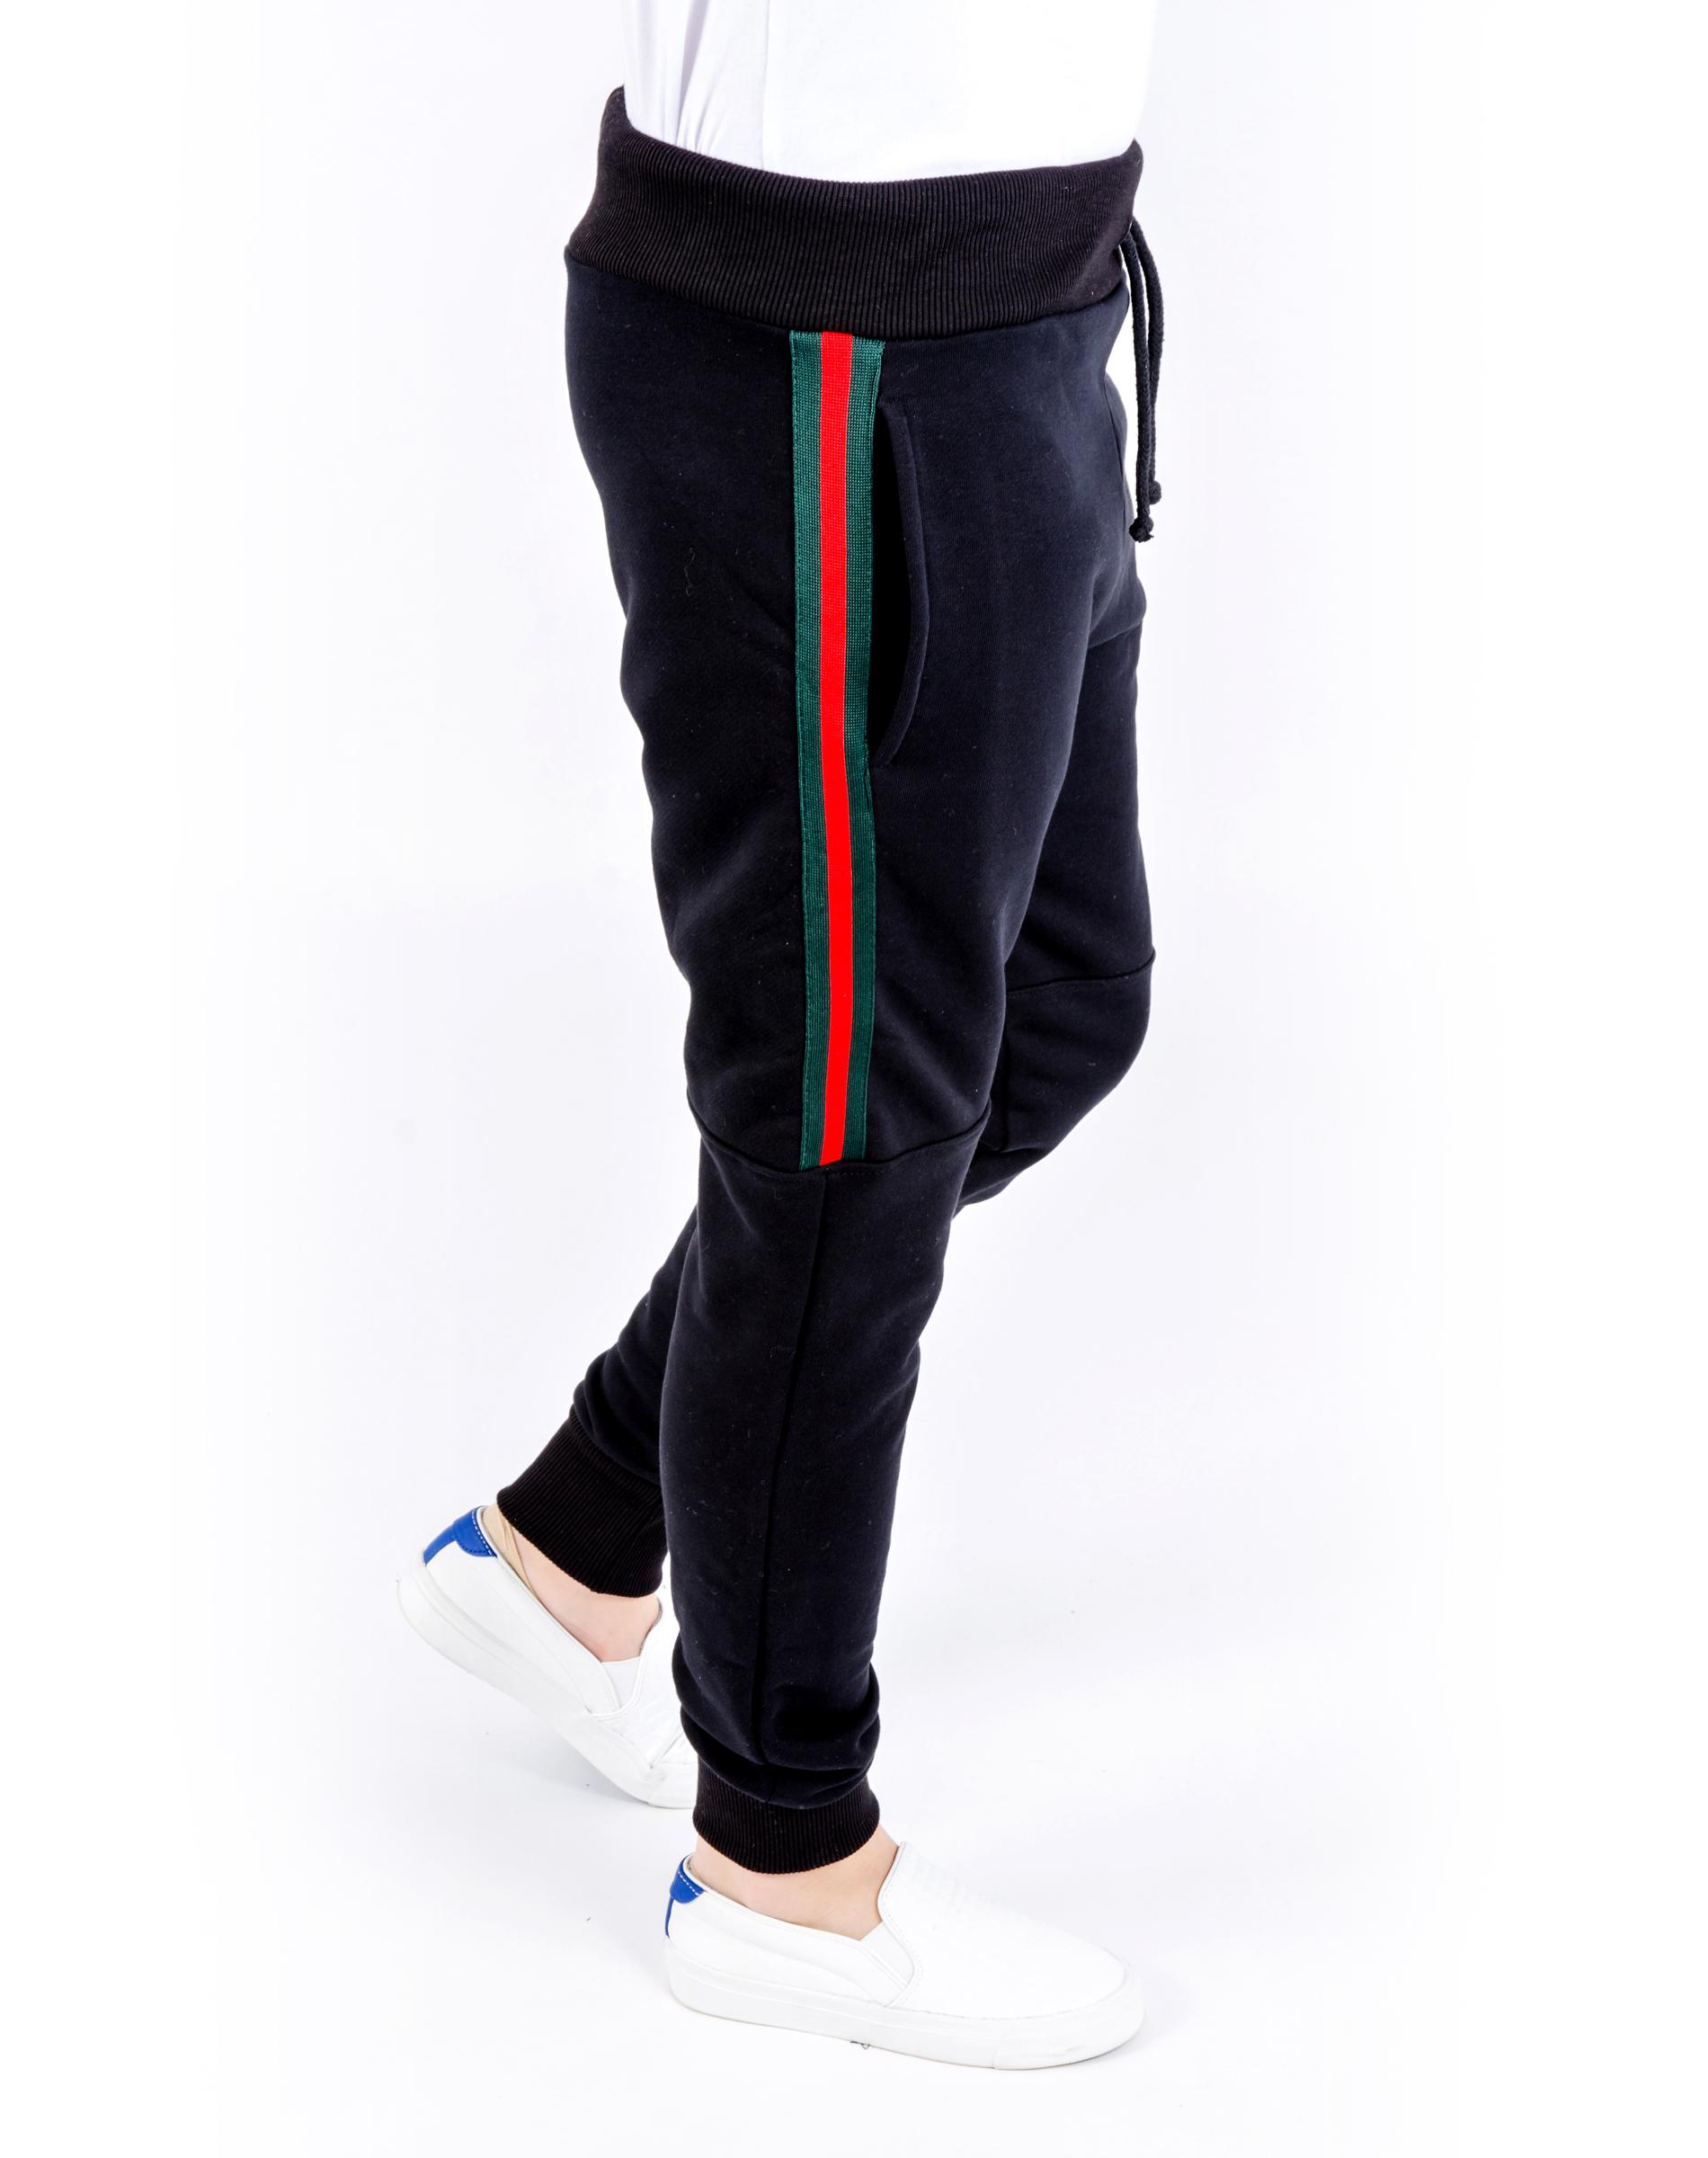 Pantaloni lungi barbati   Pantaloni trekking, golf, ski   Decathlon